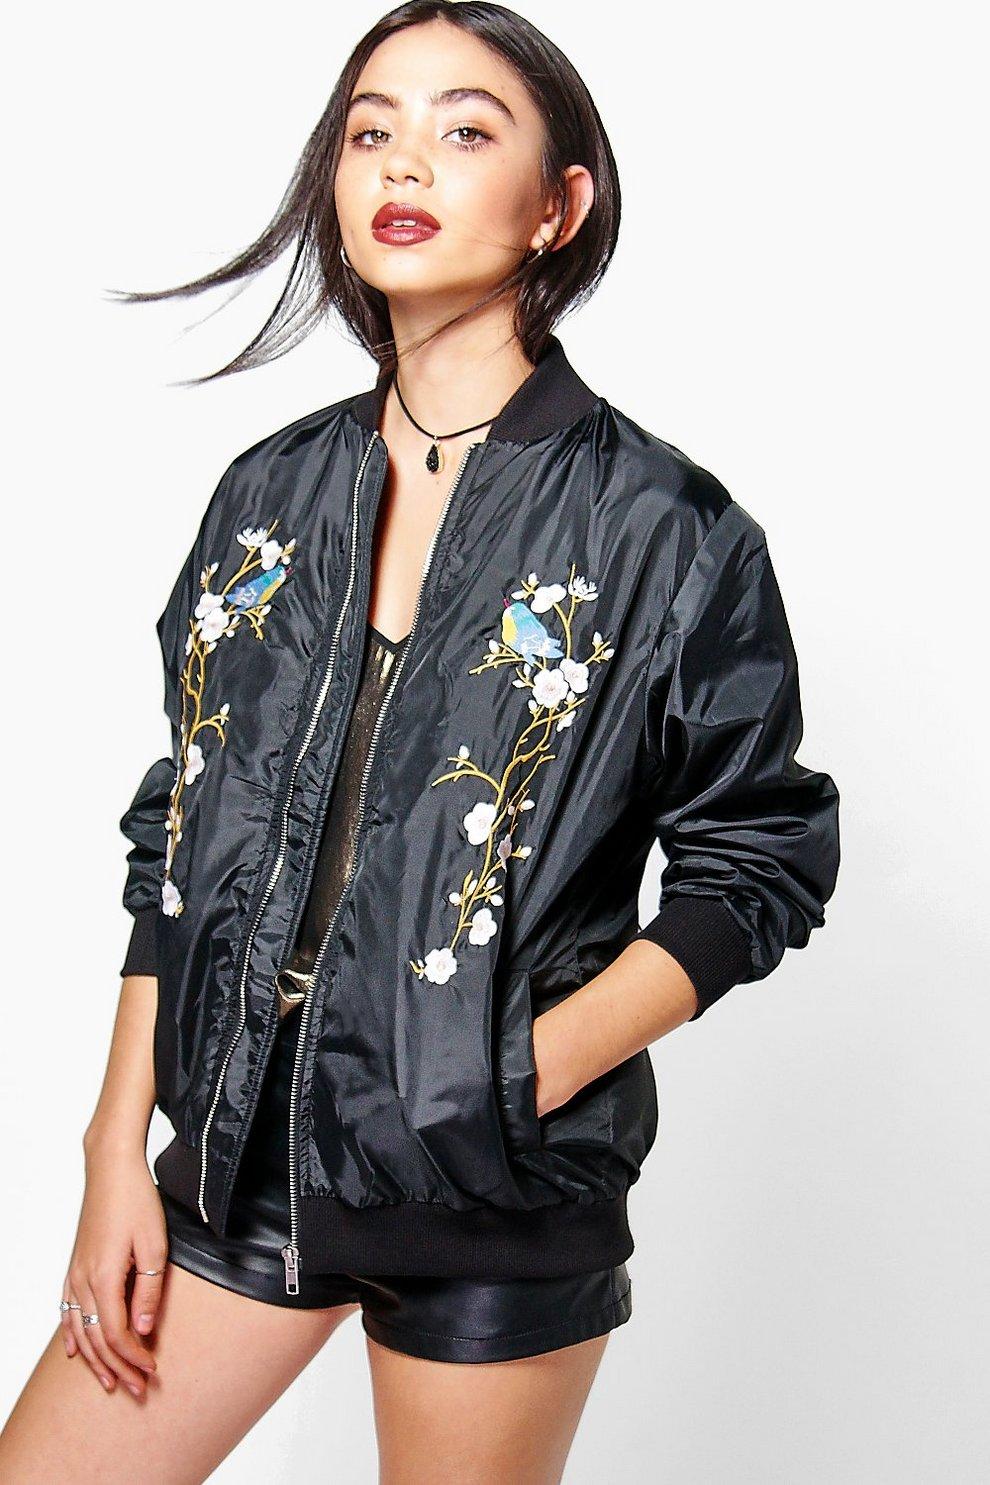 981ebd4861ef4 Eliza Floral Embroidered Bomber | Boohoo